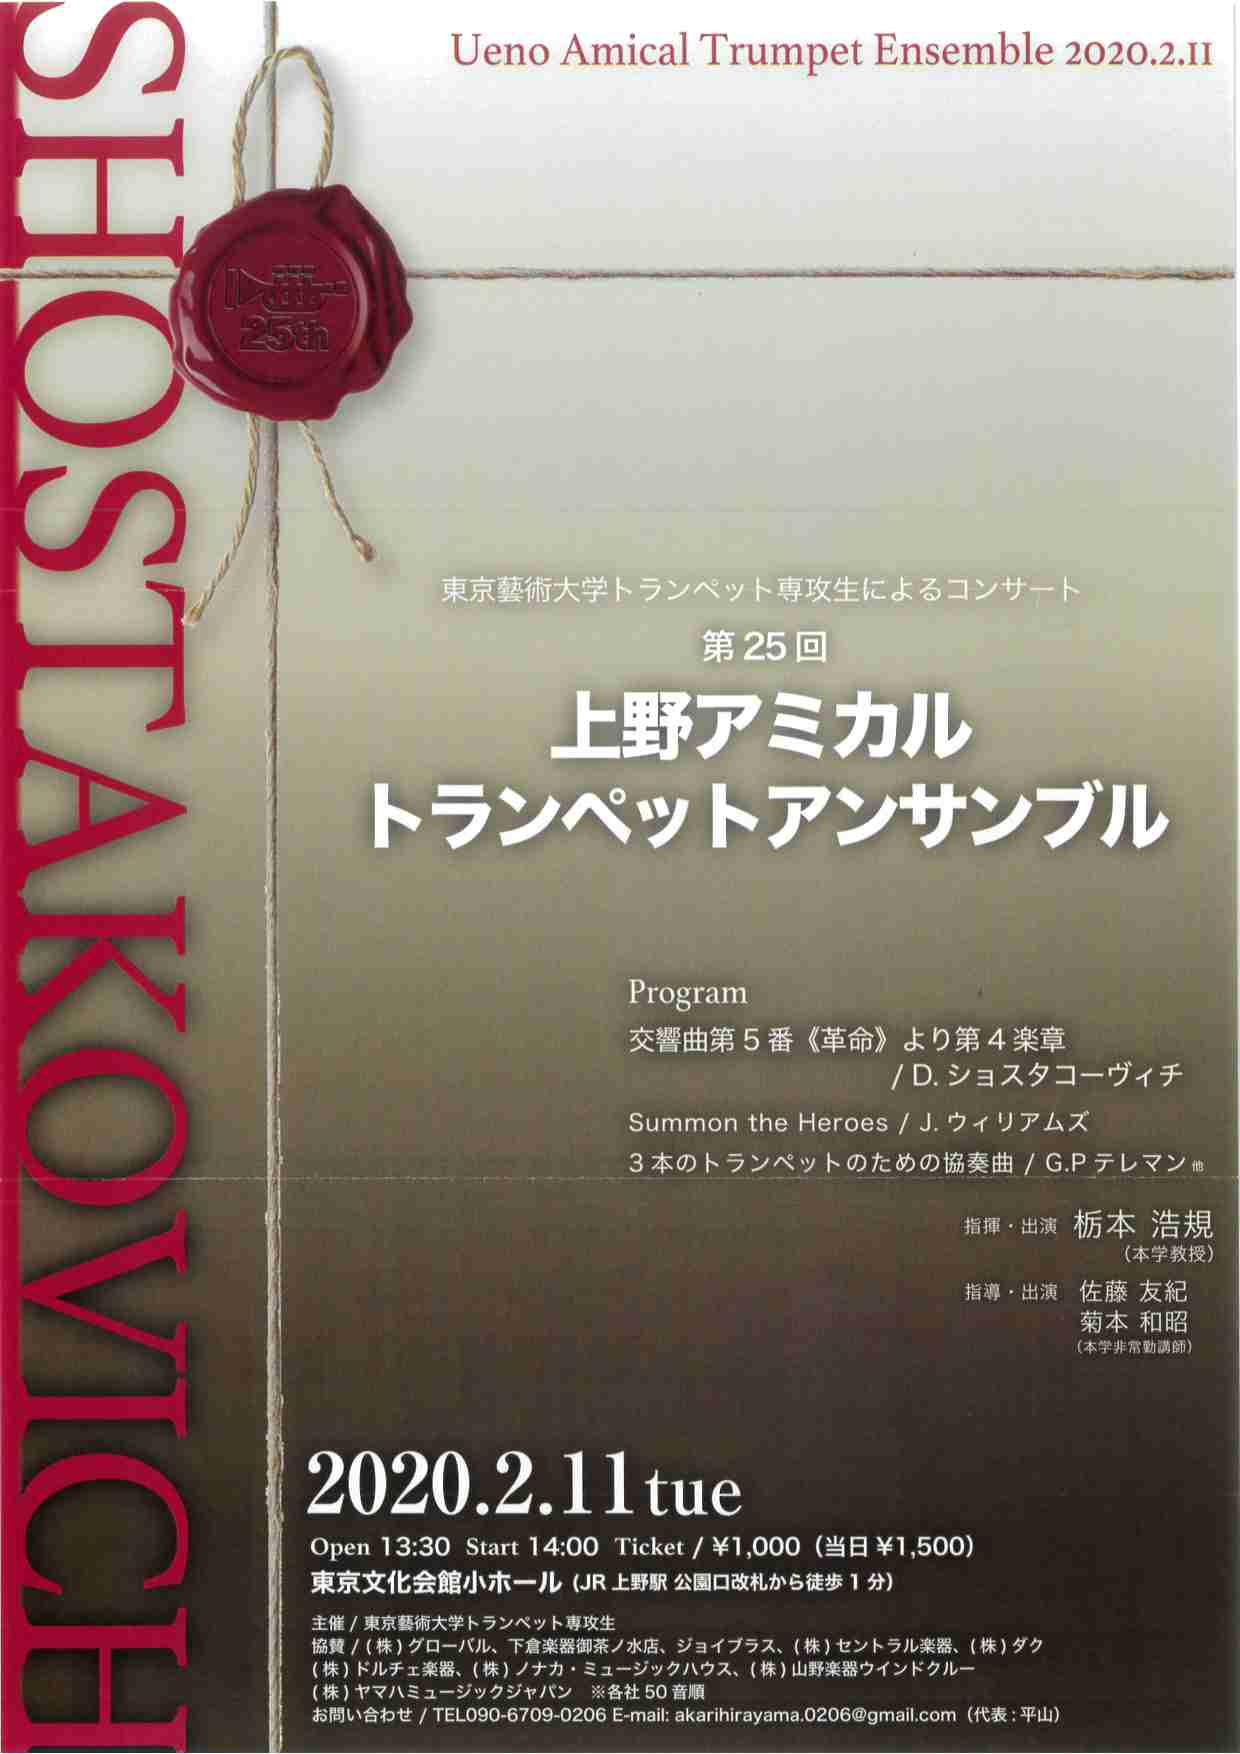 東京藝術大学トランペット専攻生によるコンサート 第25回 上野アミカルトランペットアンサンブル